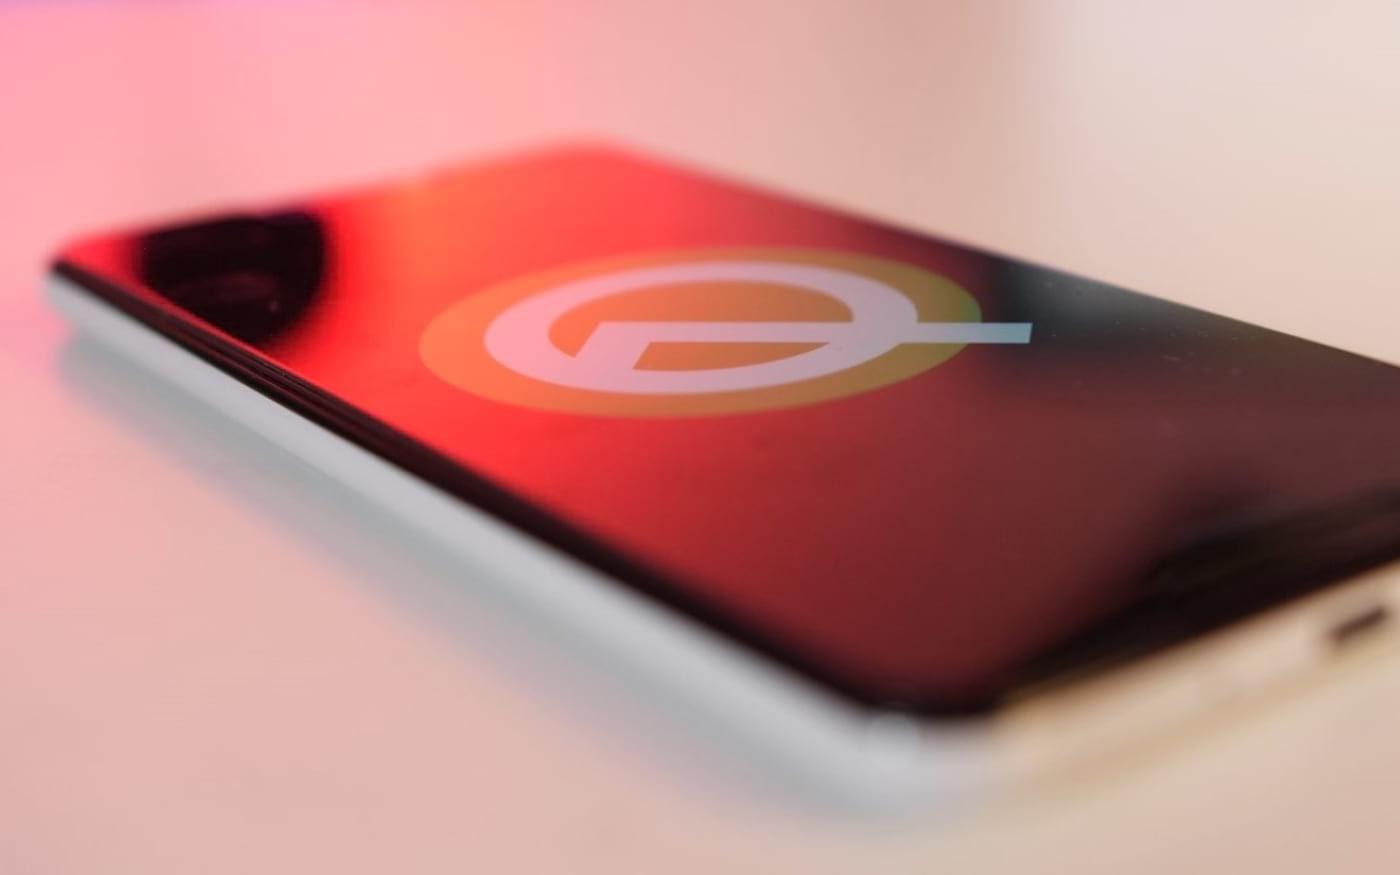 Atualização do Android Q beta 5 OTA pausada devido à problemas de instalação